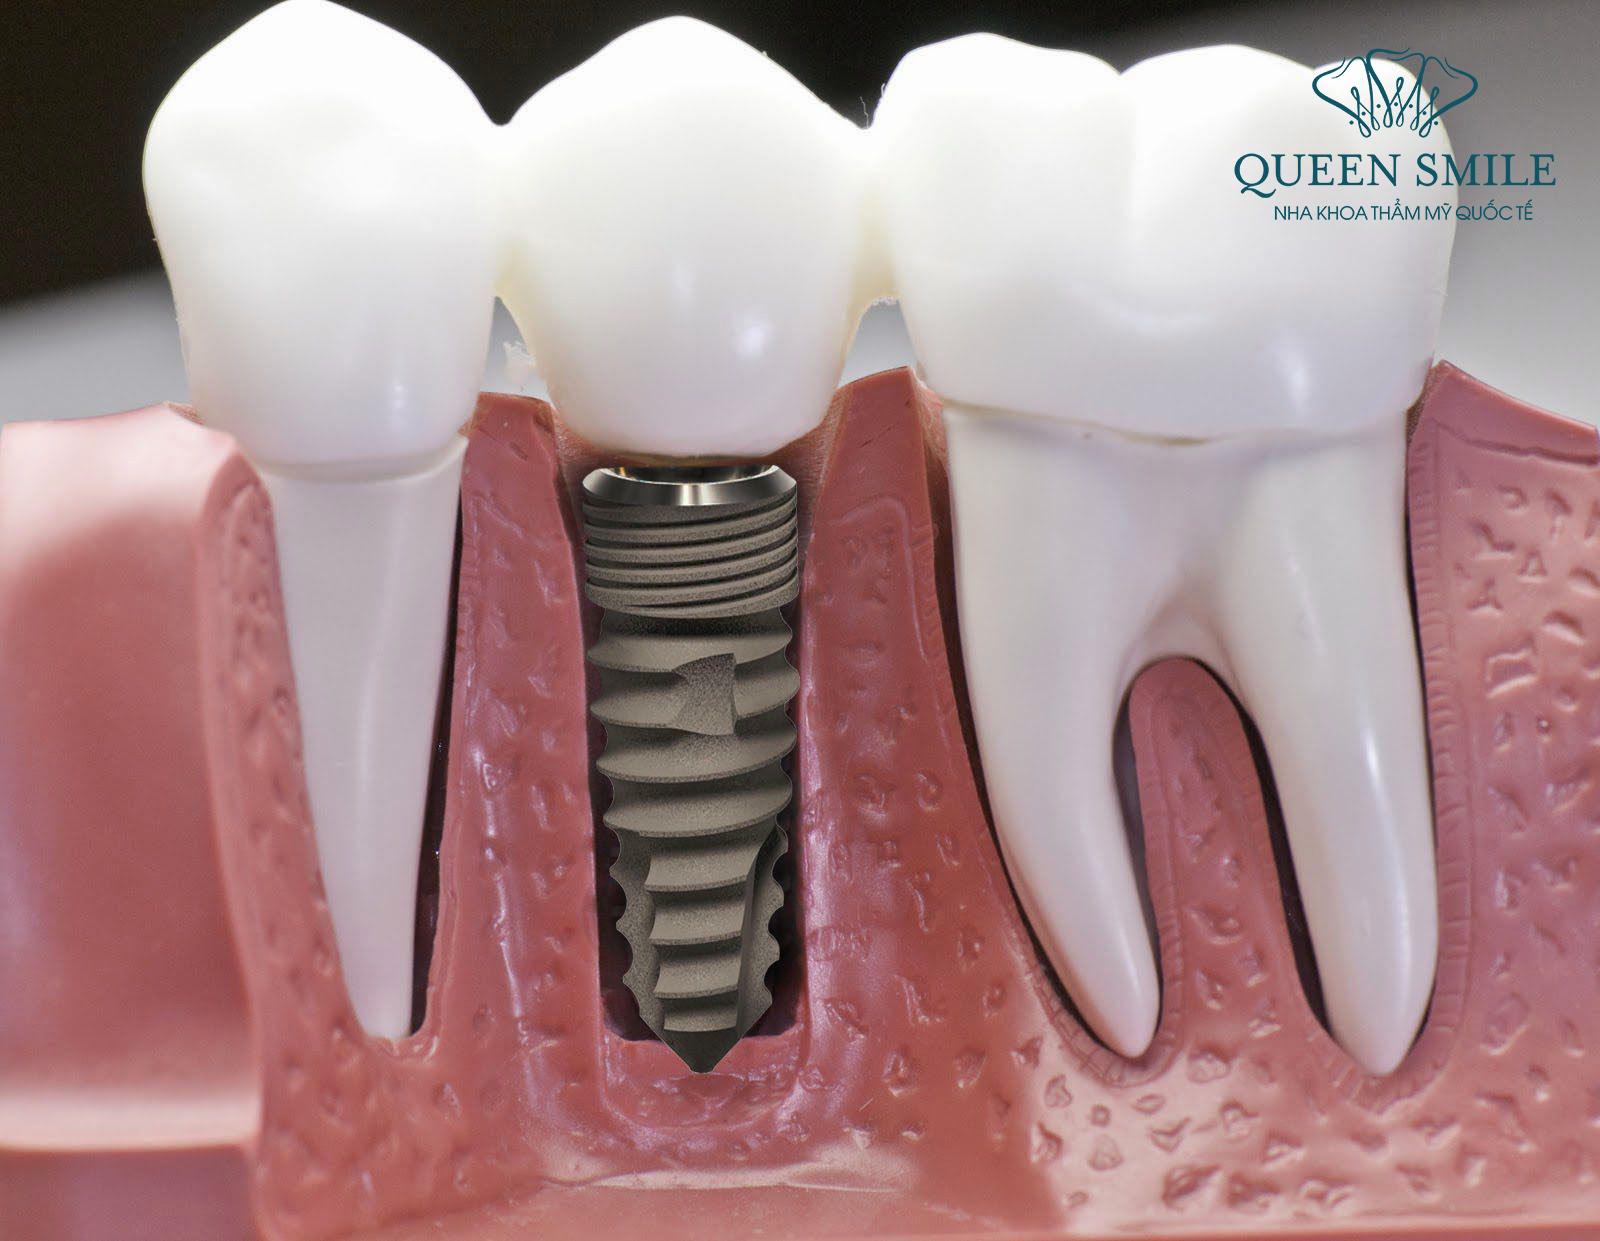 Răng bị gãy vỡ chỉ còn chân răng, ở trường hợp này, bạn nên cấy ghép implant